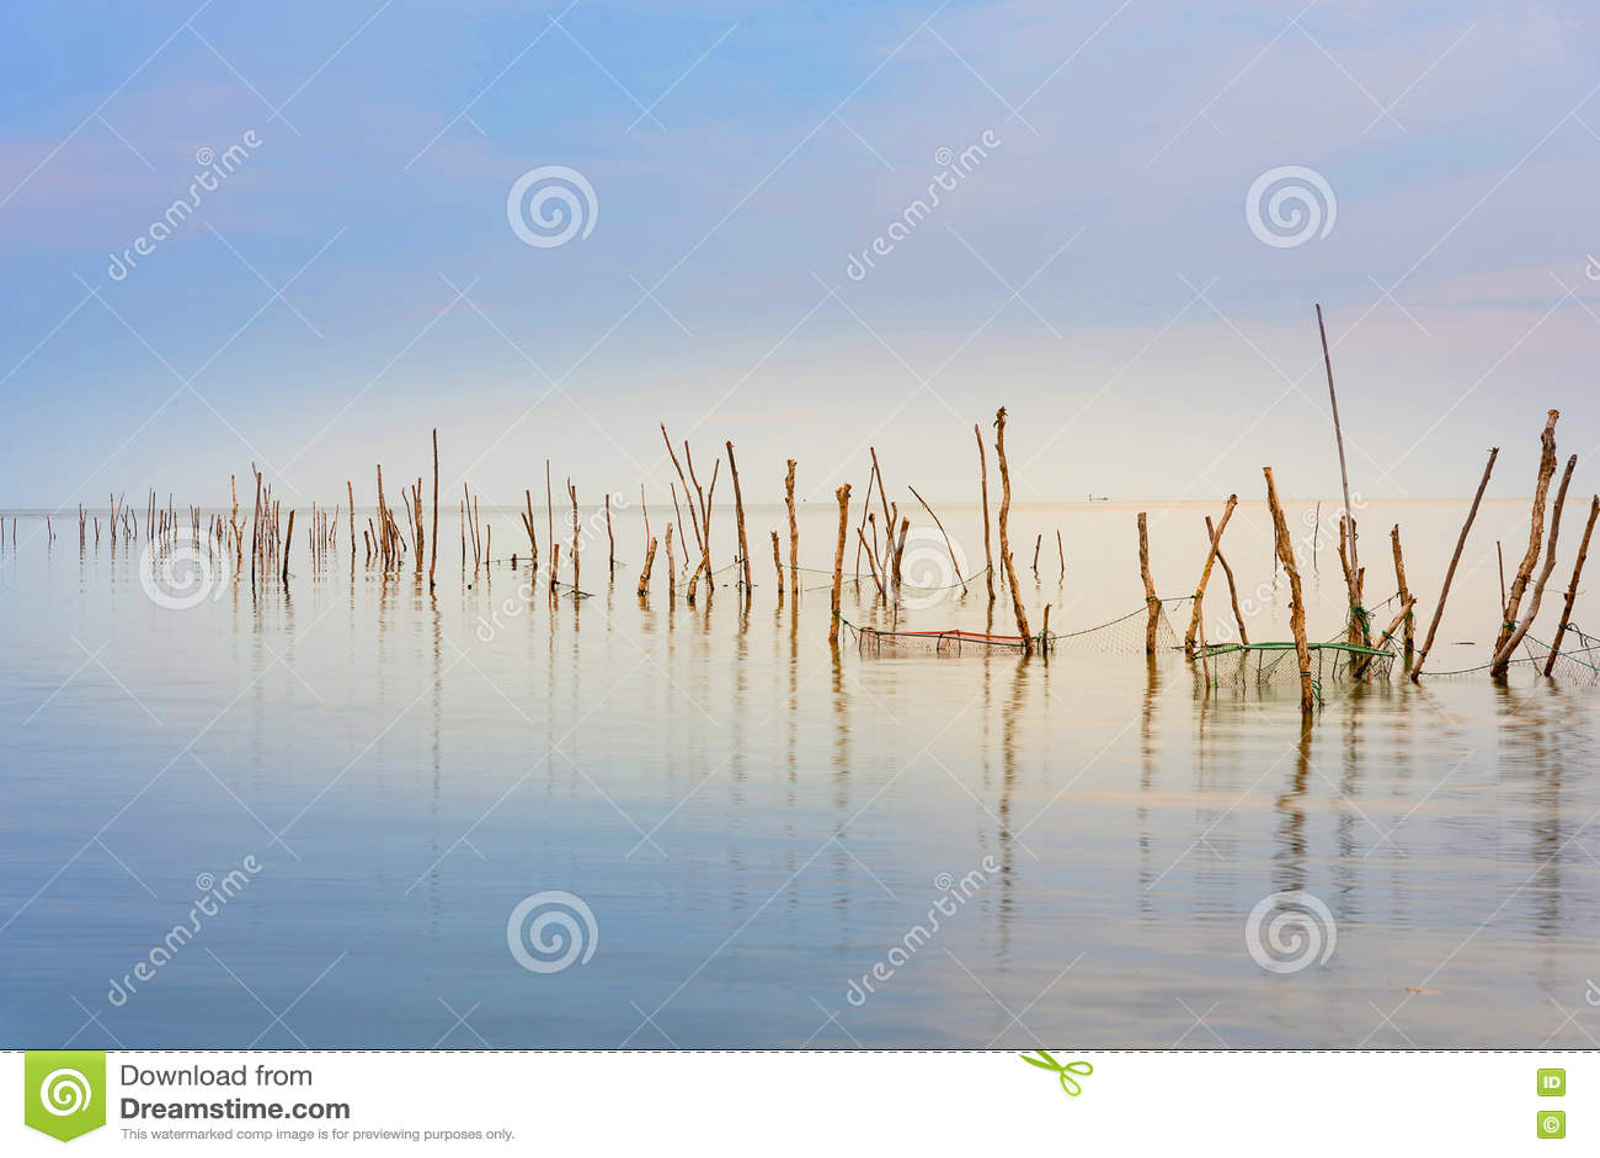 Der See ist leer